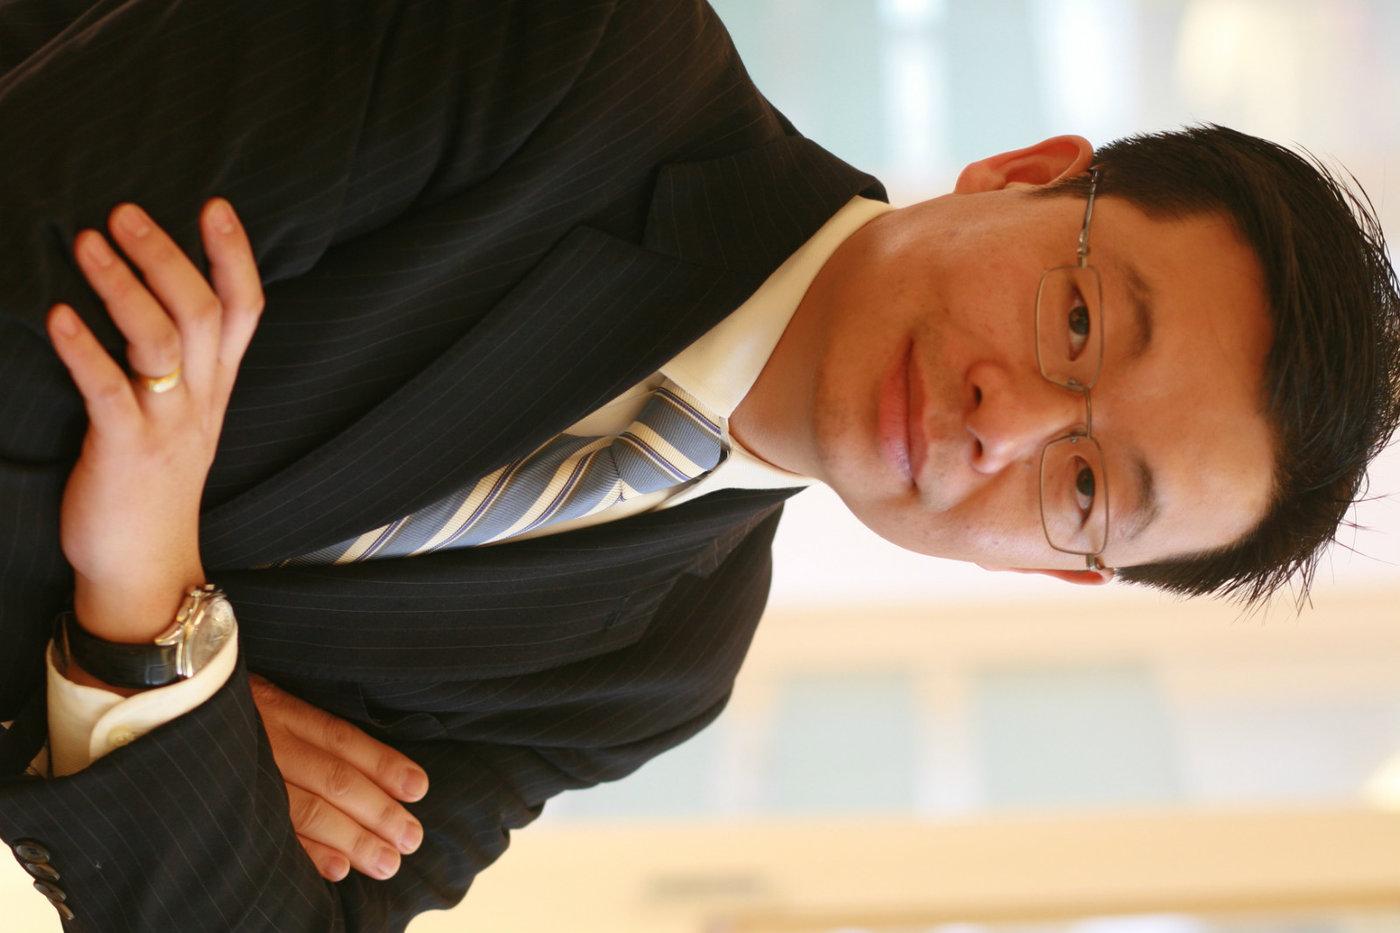 大连万达集团地产集团信息管理部总经理冯朝辉